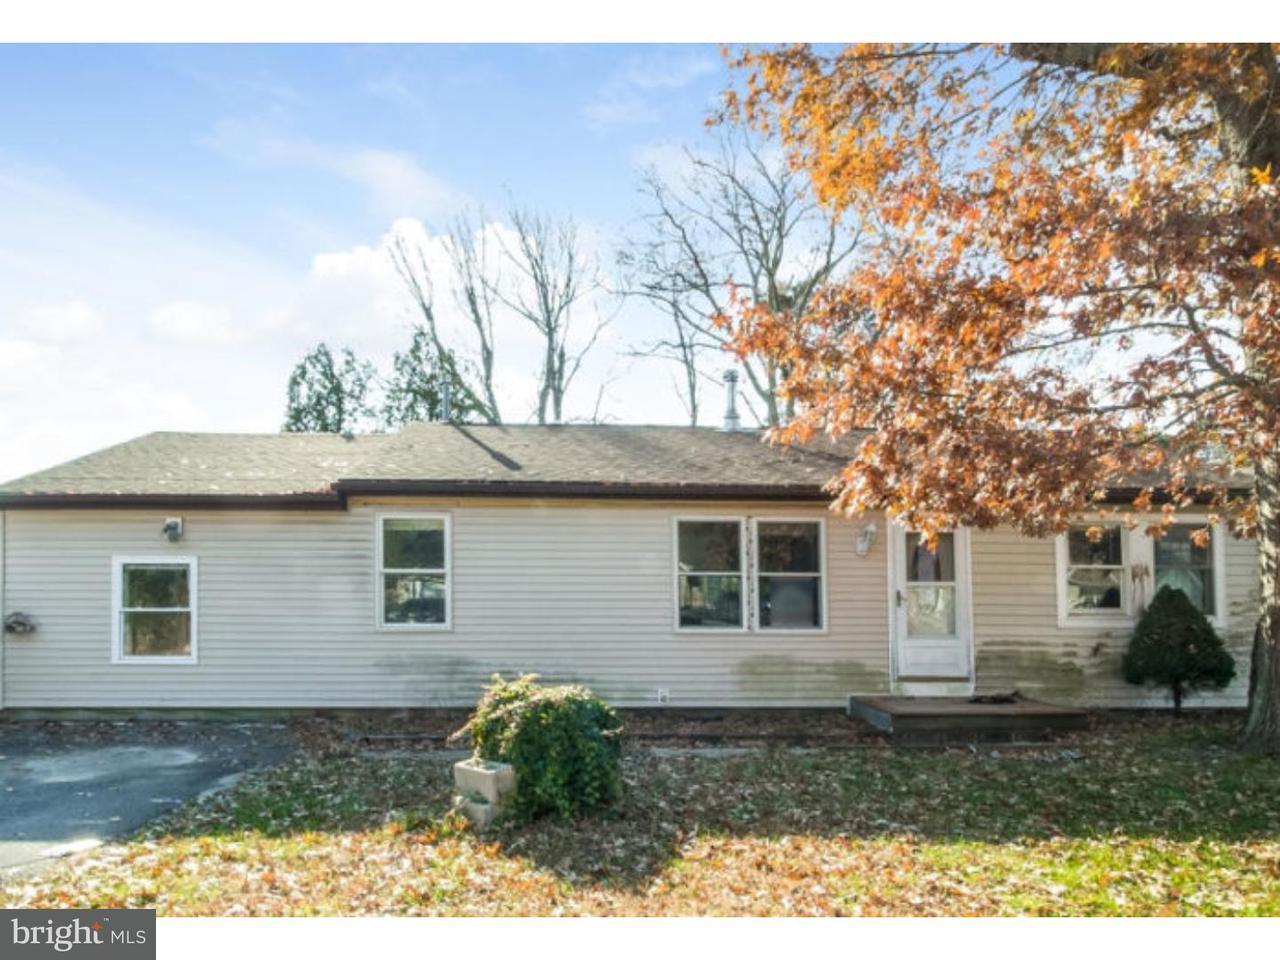 Частный односемейный дом для того Продажа на 1213 TAMARACK Road Forked River, Нью-Джерси 08731 Соединенные Штаты